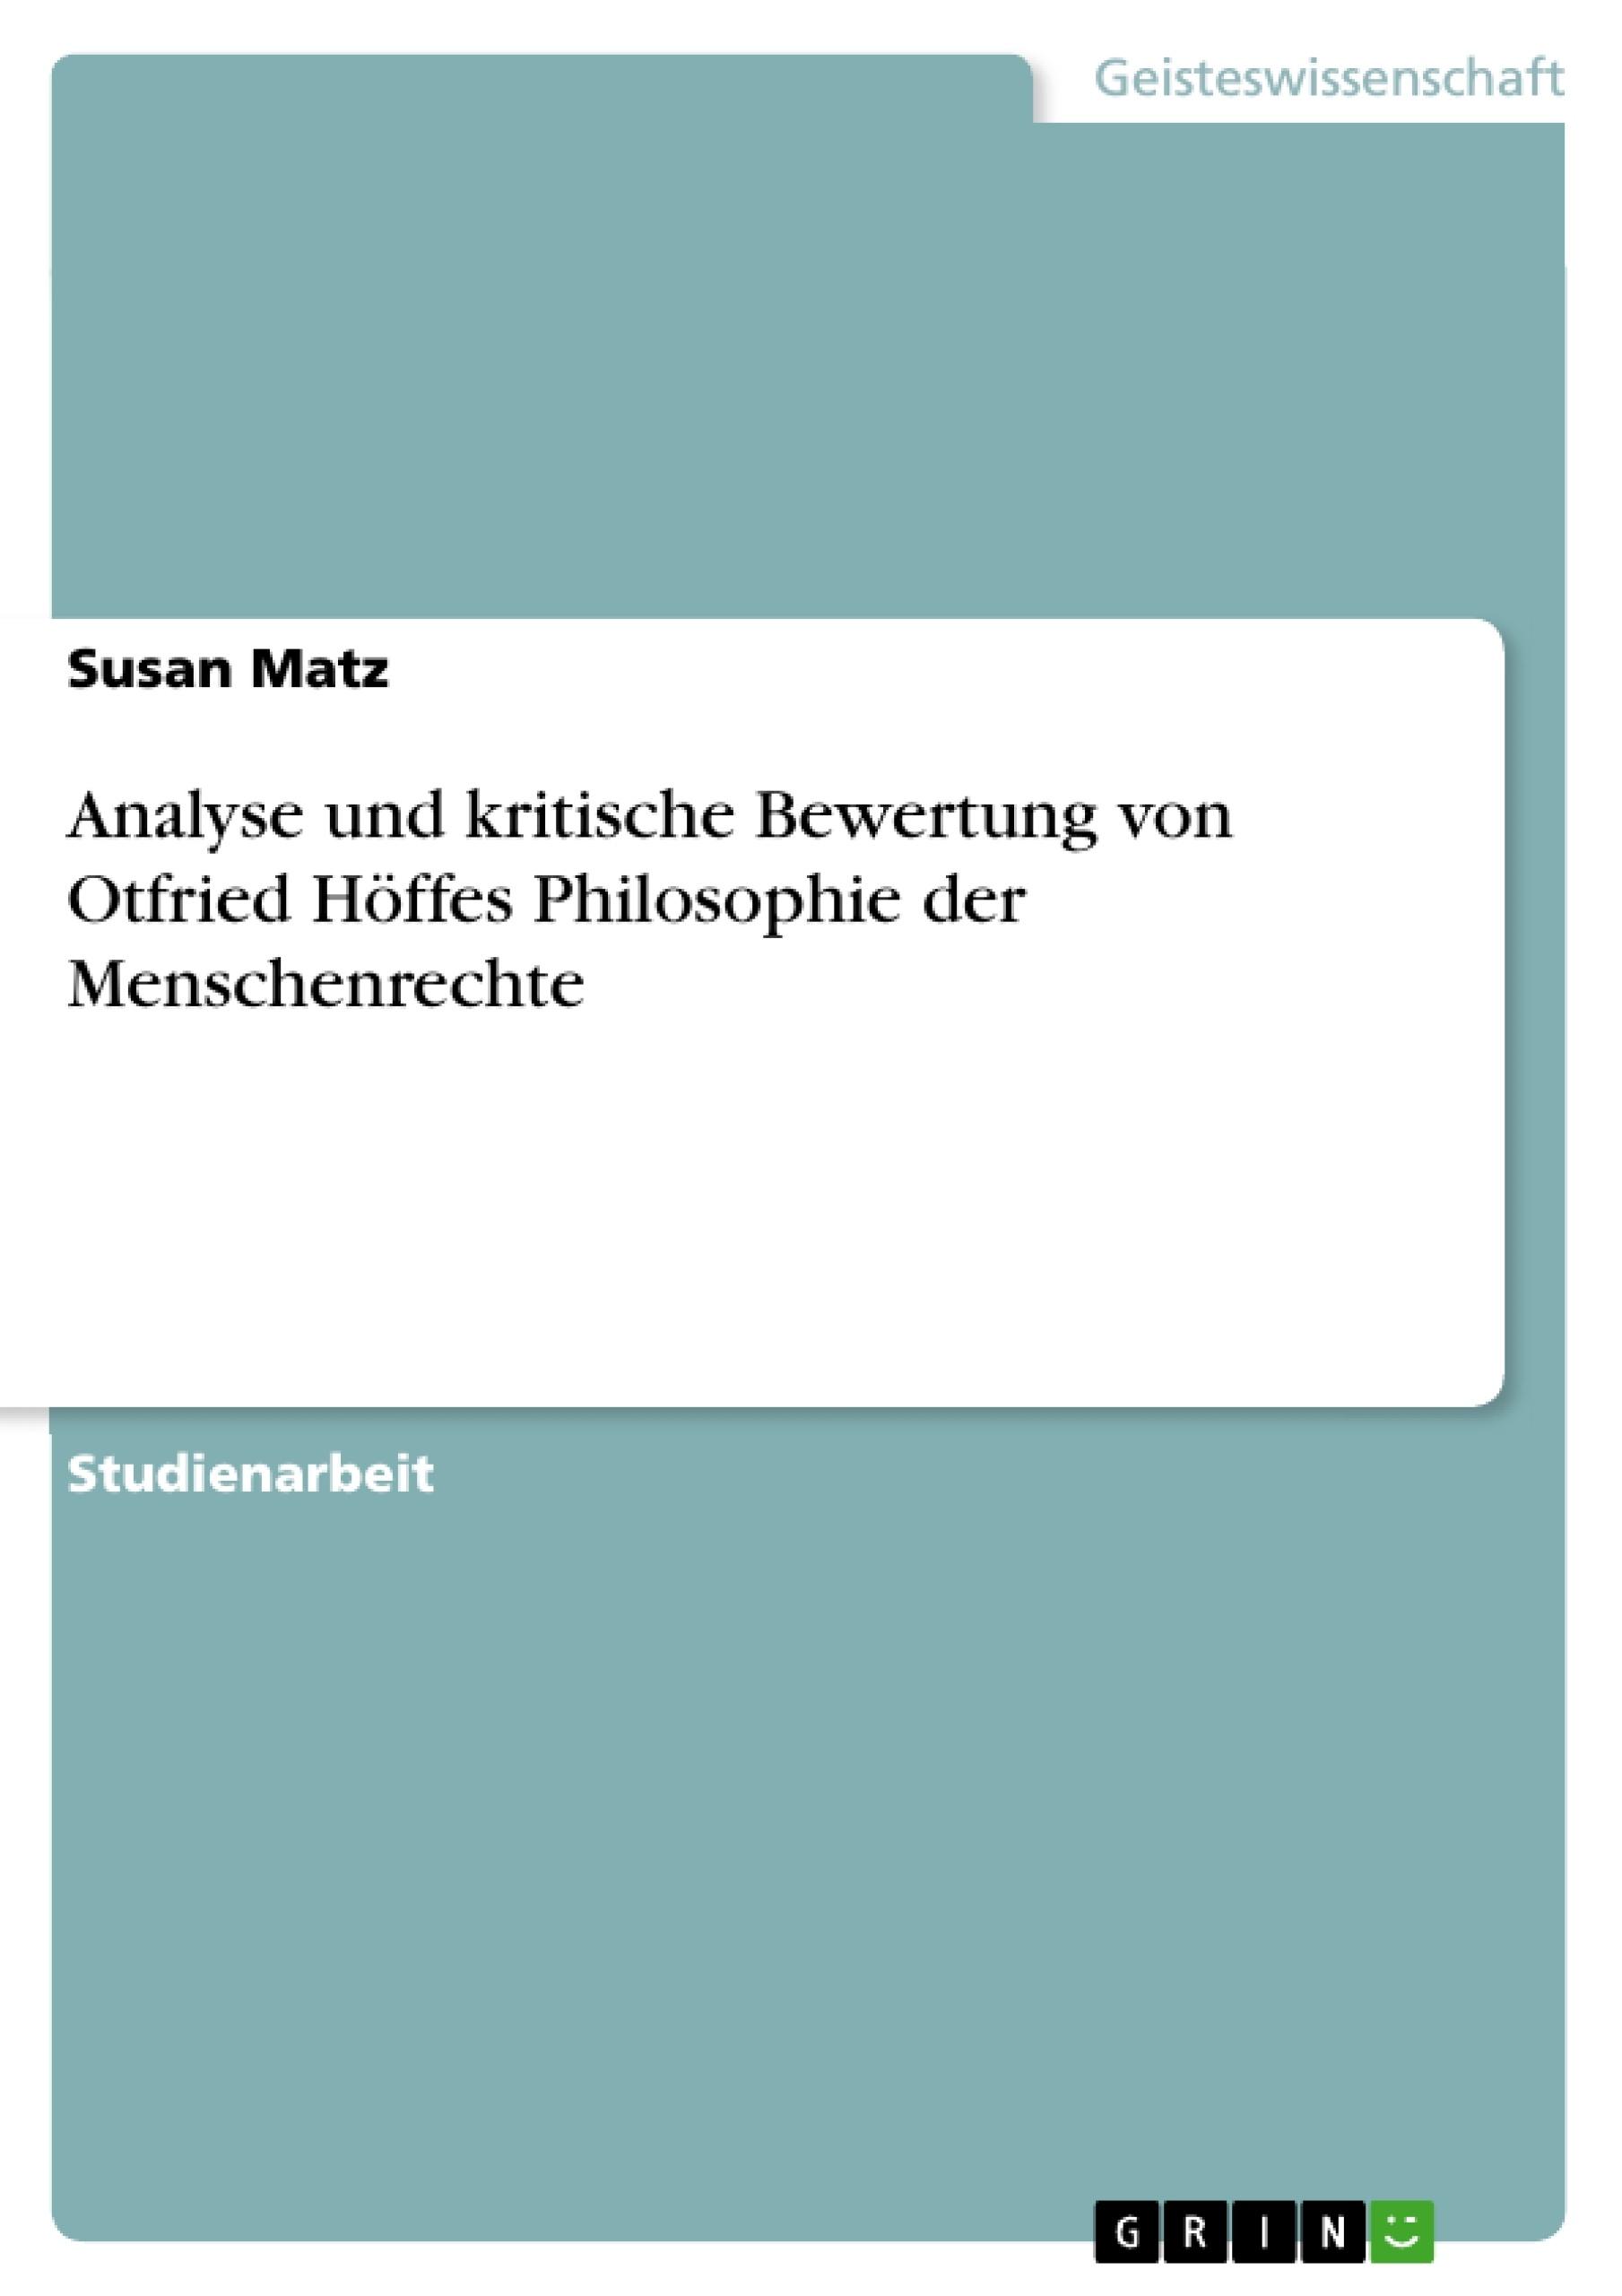 Titel: Analyse und kritische Bewertung von Otfried Höffes Philosophie der Menschenrechte